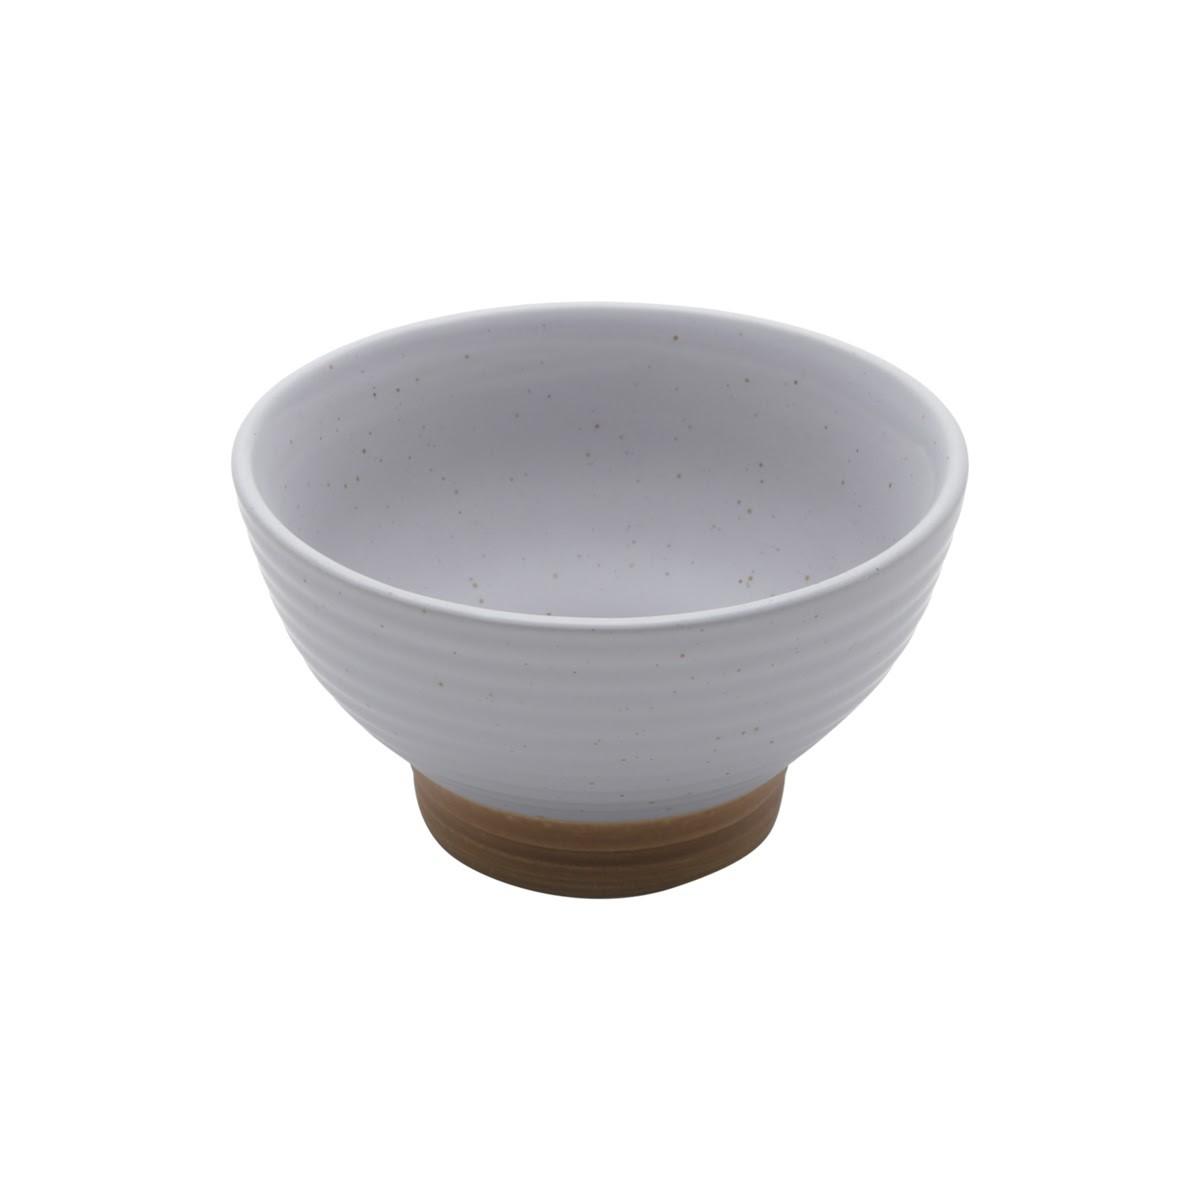 Bowl Cerâmica Romance Cinza